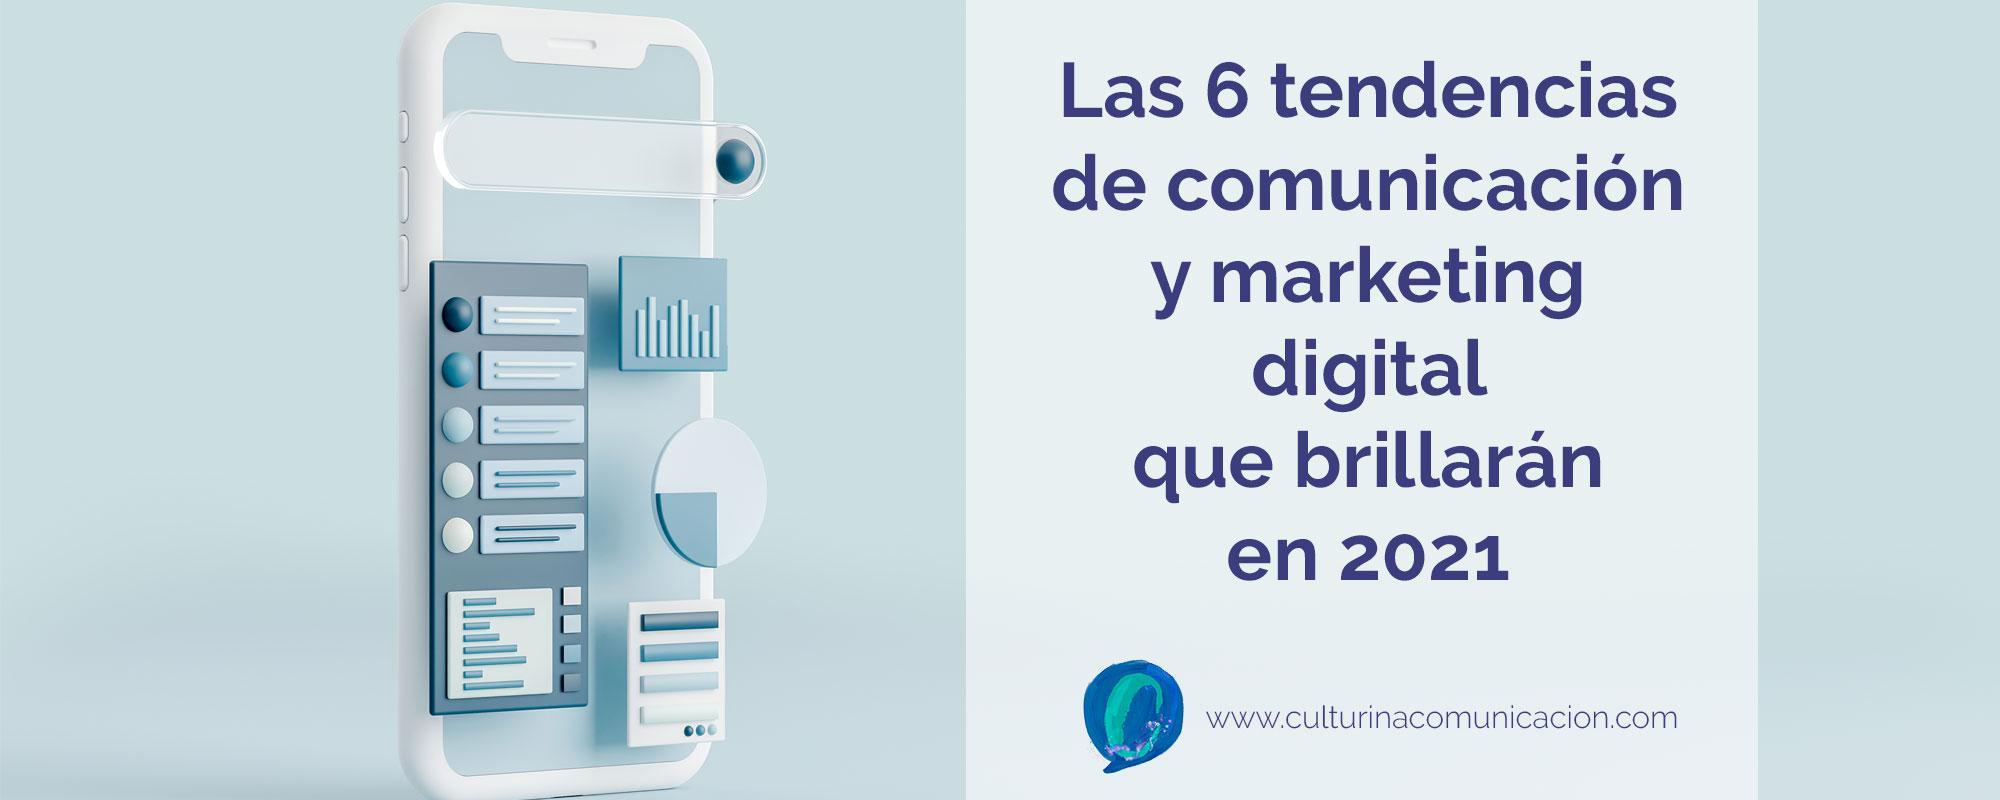 tendencias de comunicación y marketing digital para 2021